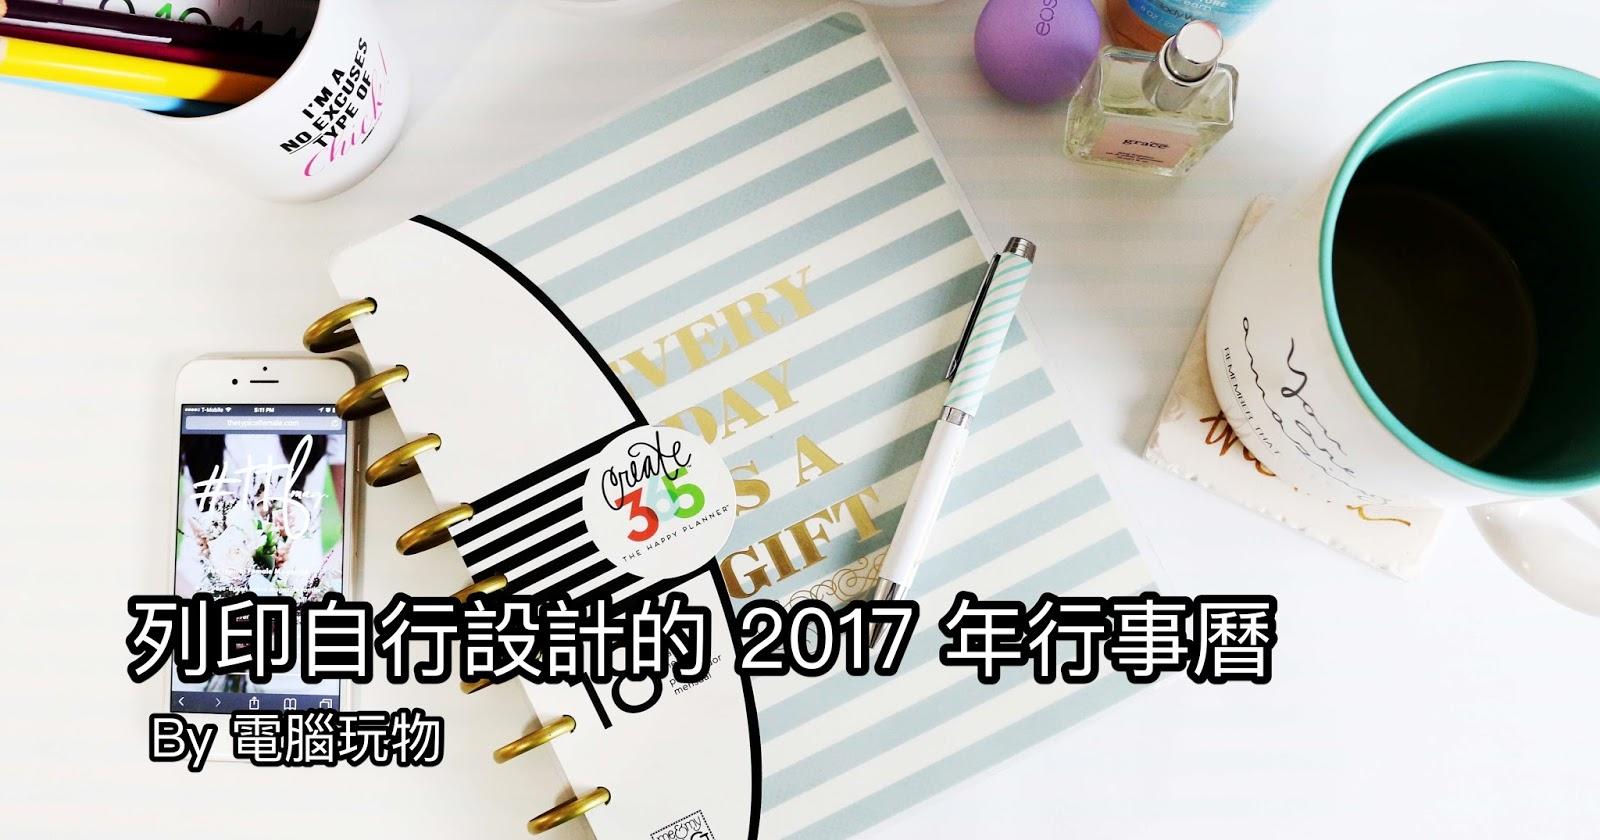 收藏 - Magazine cover